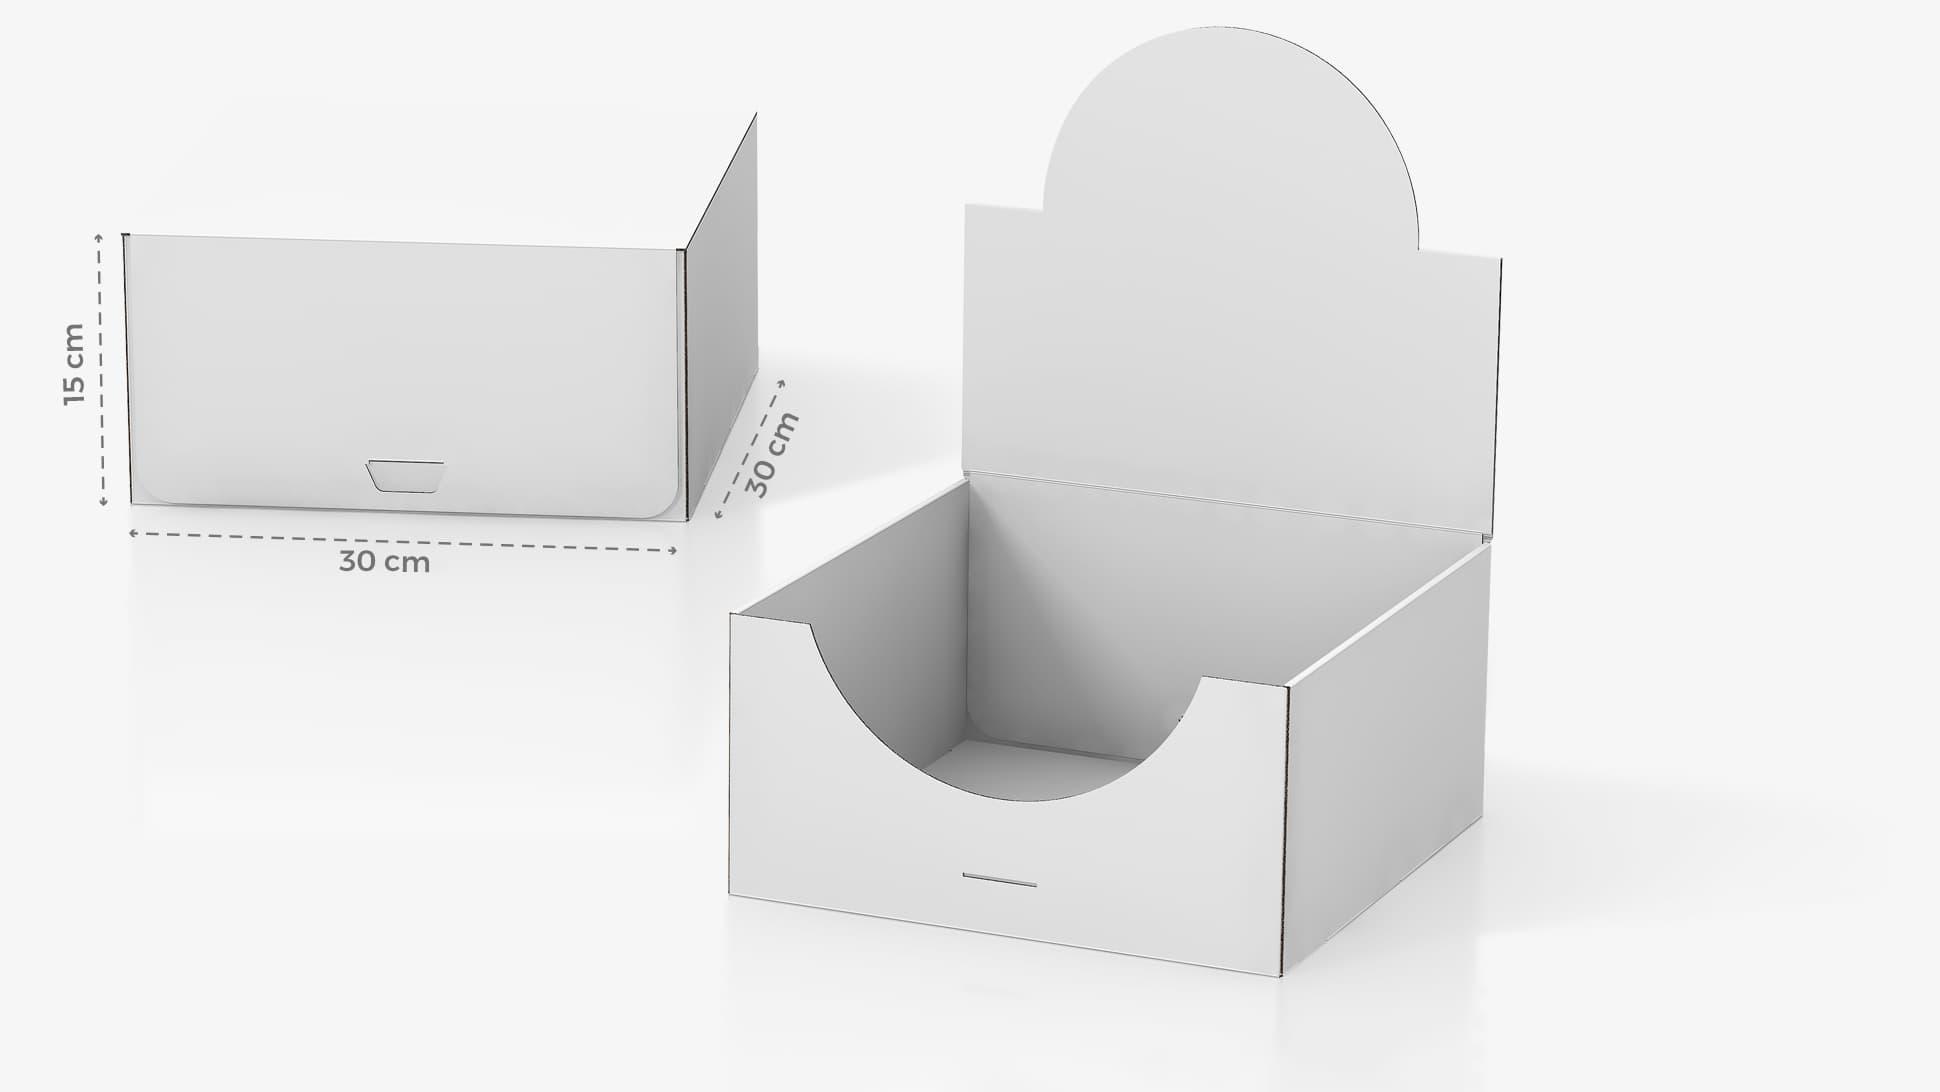 Scatola in cartone 30x15x30 cm personalizzabile | tictac.it